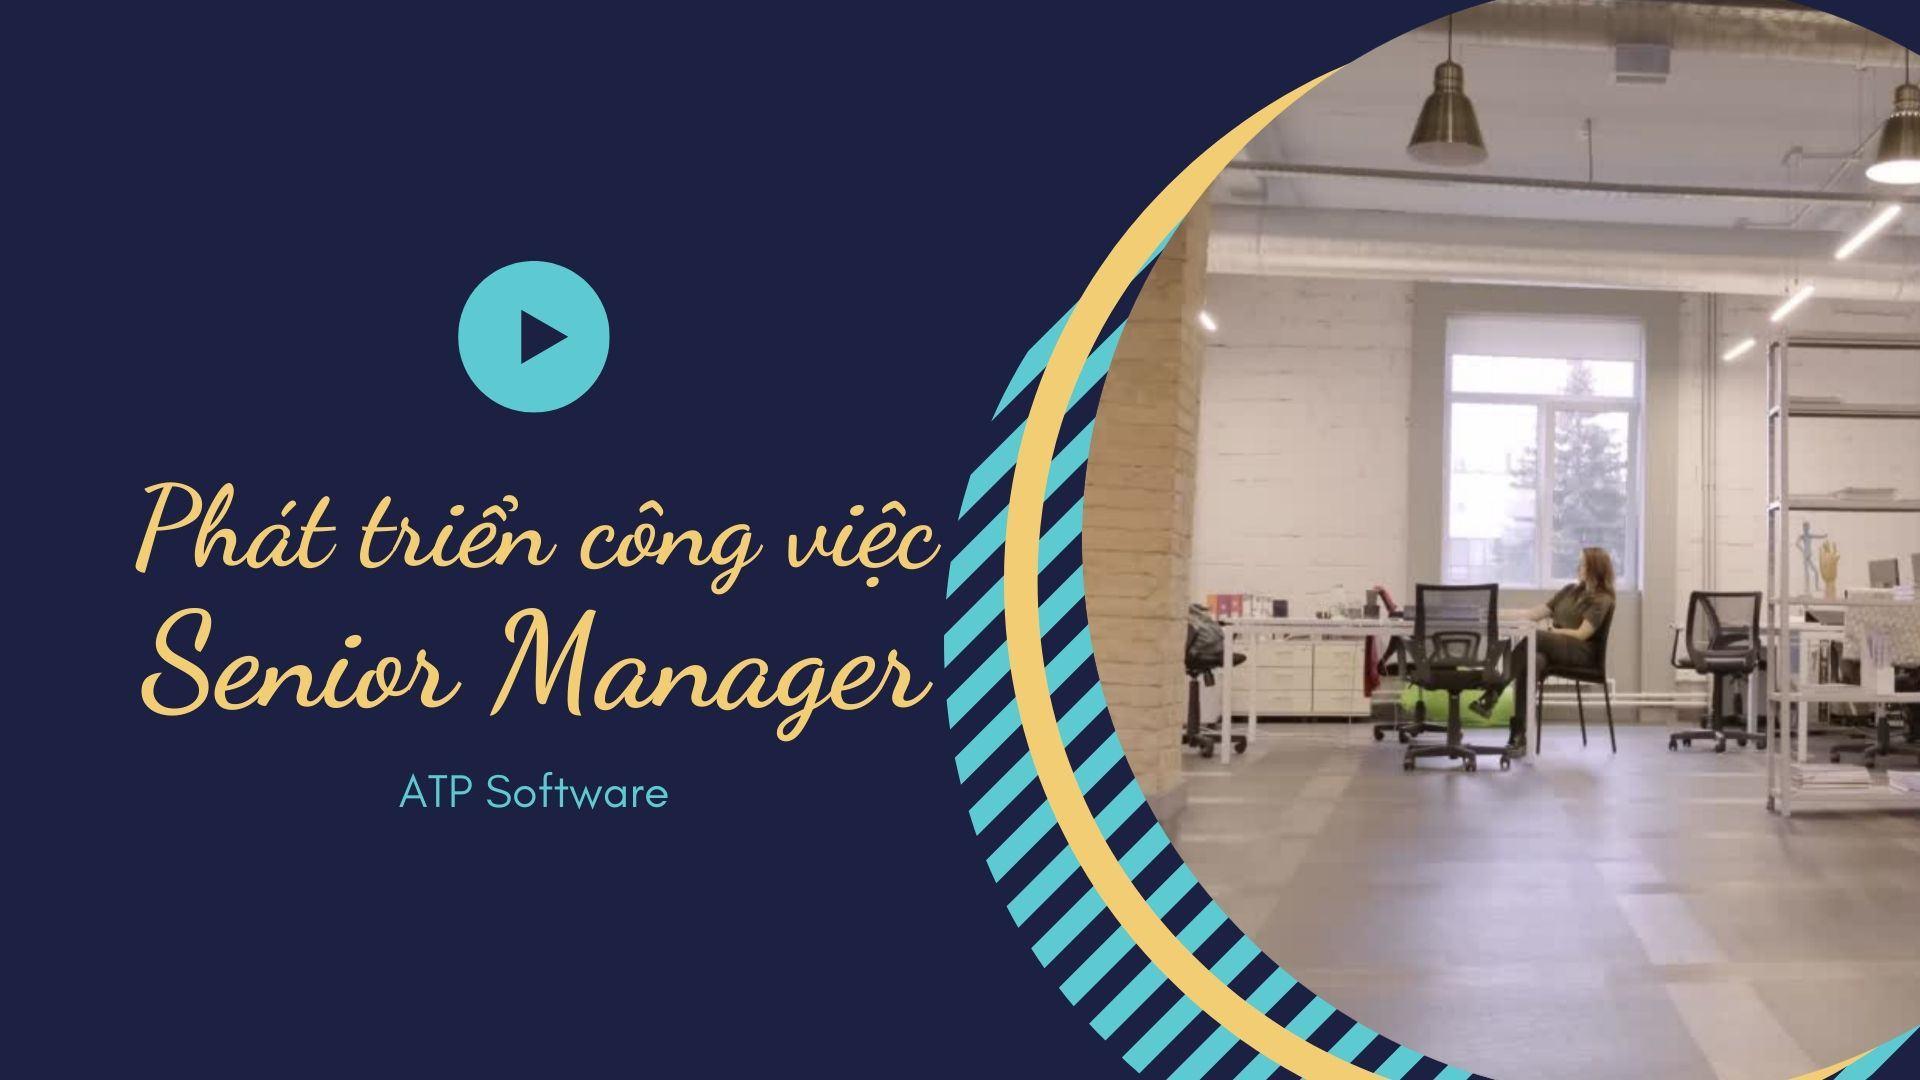 Yêu cầu đối với Senior Manager